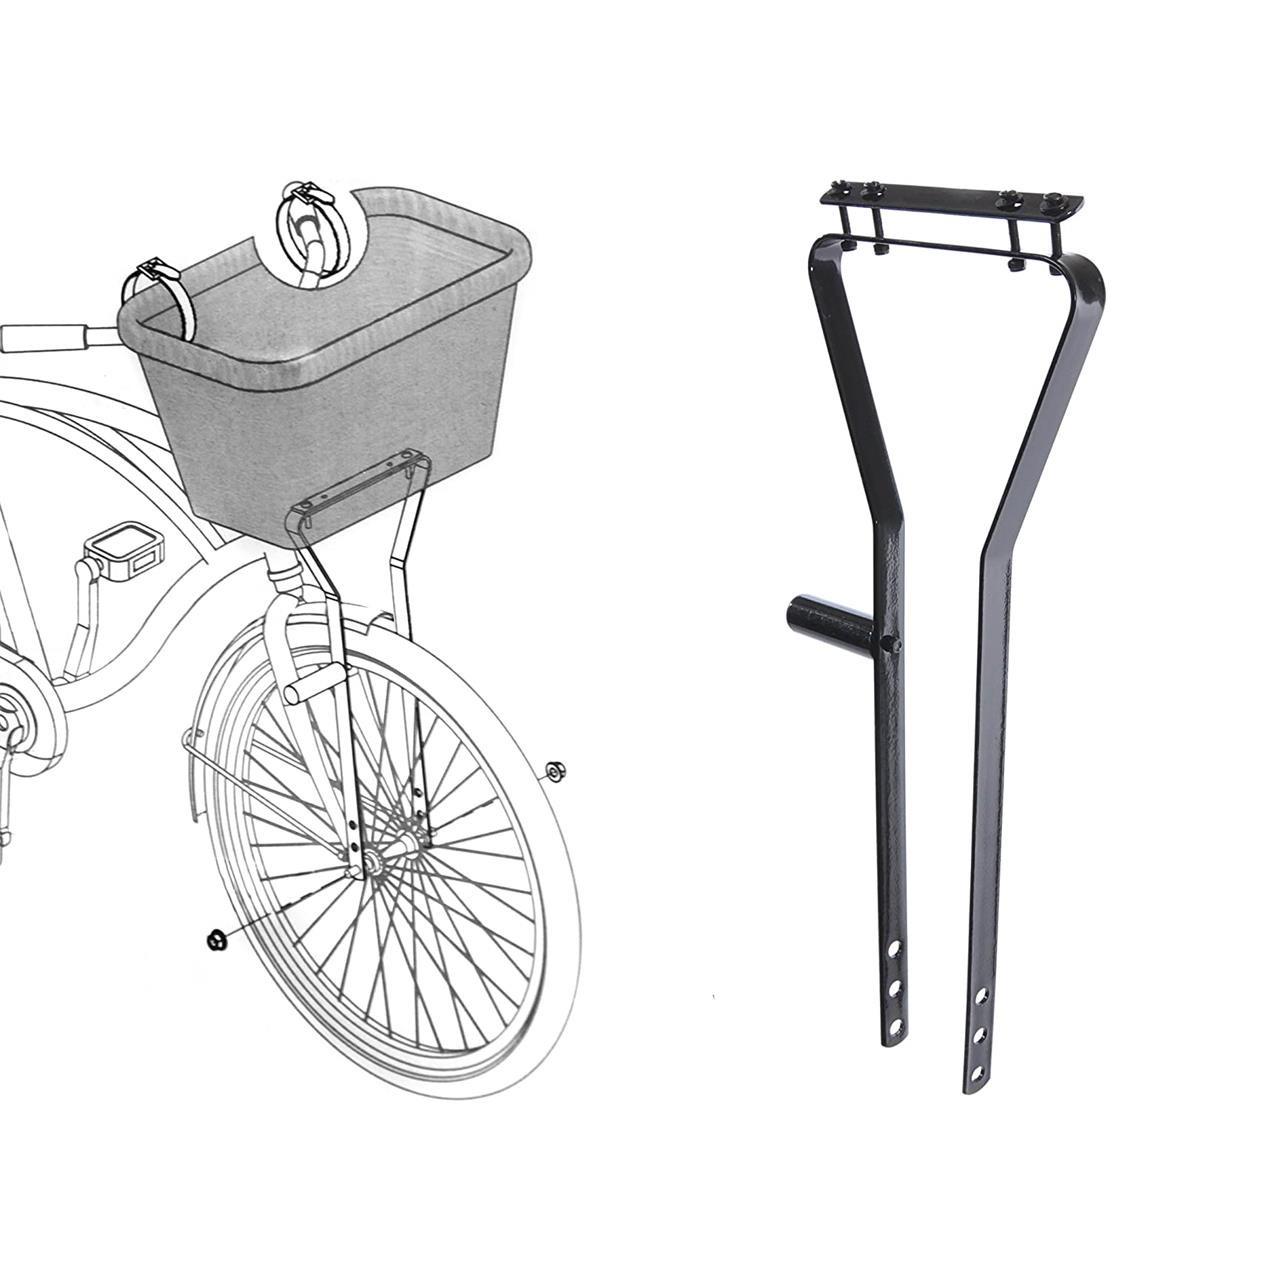 Ammaco Bike Basket Support Frame